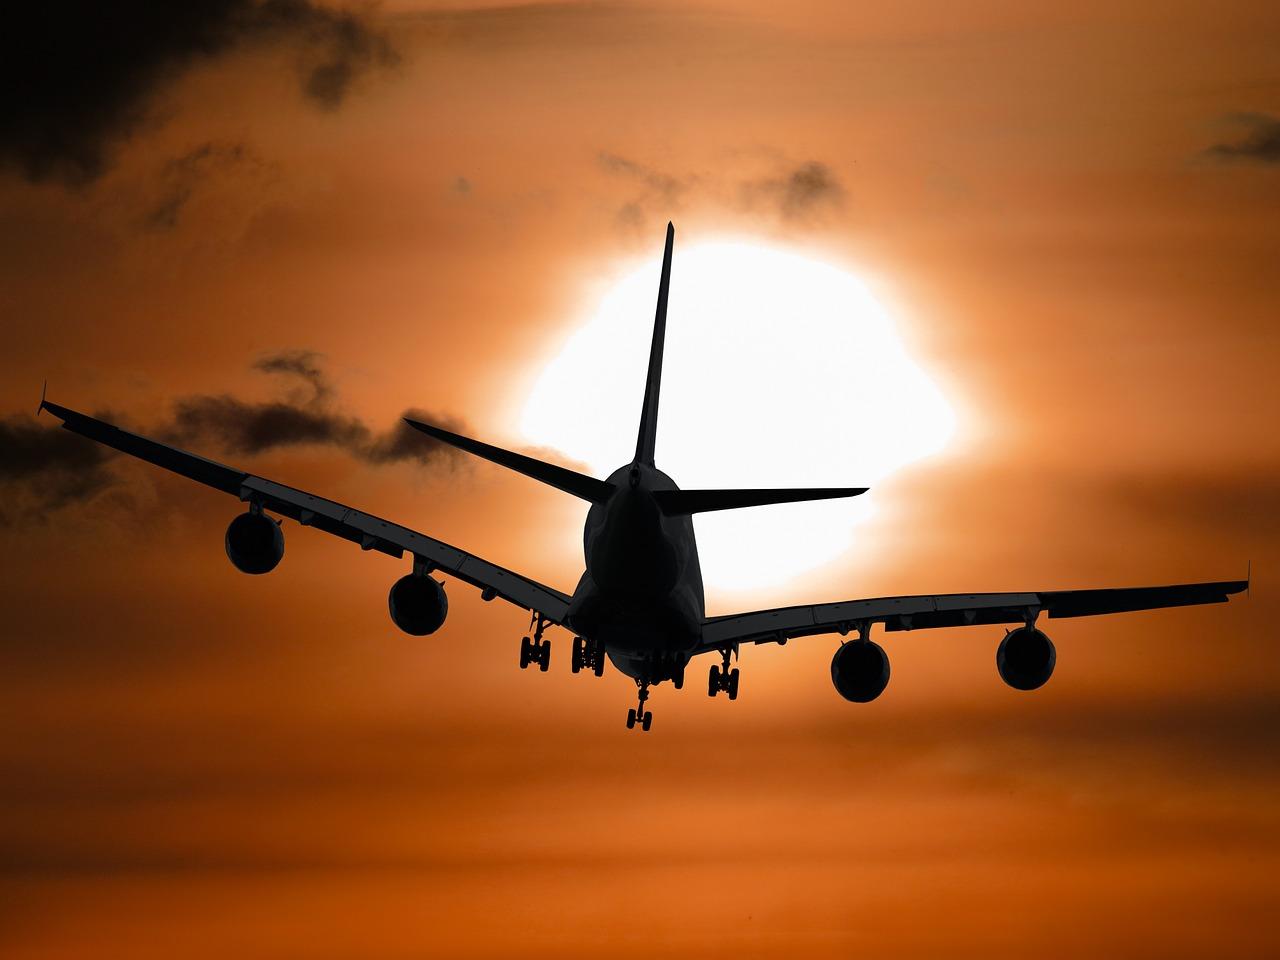 Ein Flugzeug zum Sonnenuntergang von Broome Australia.